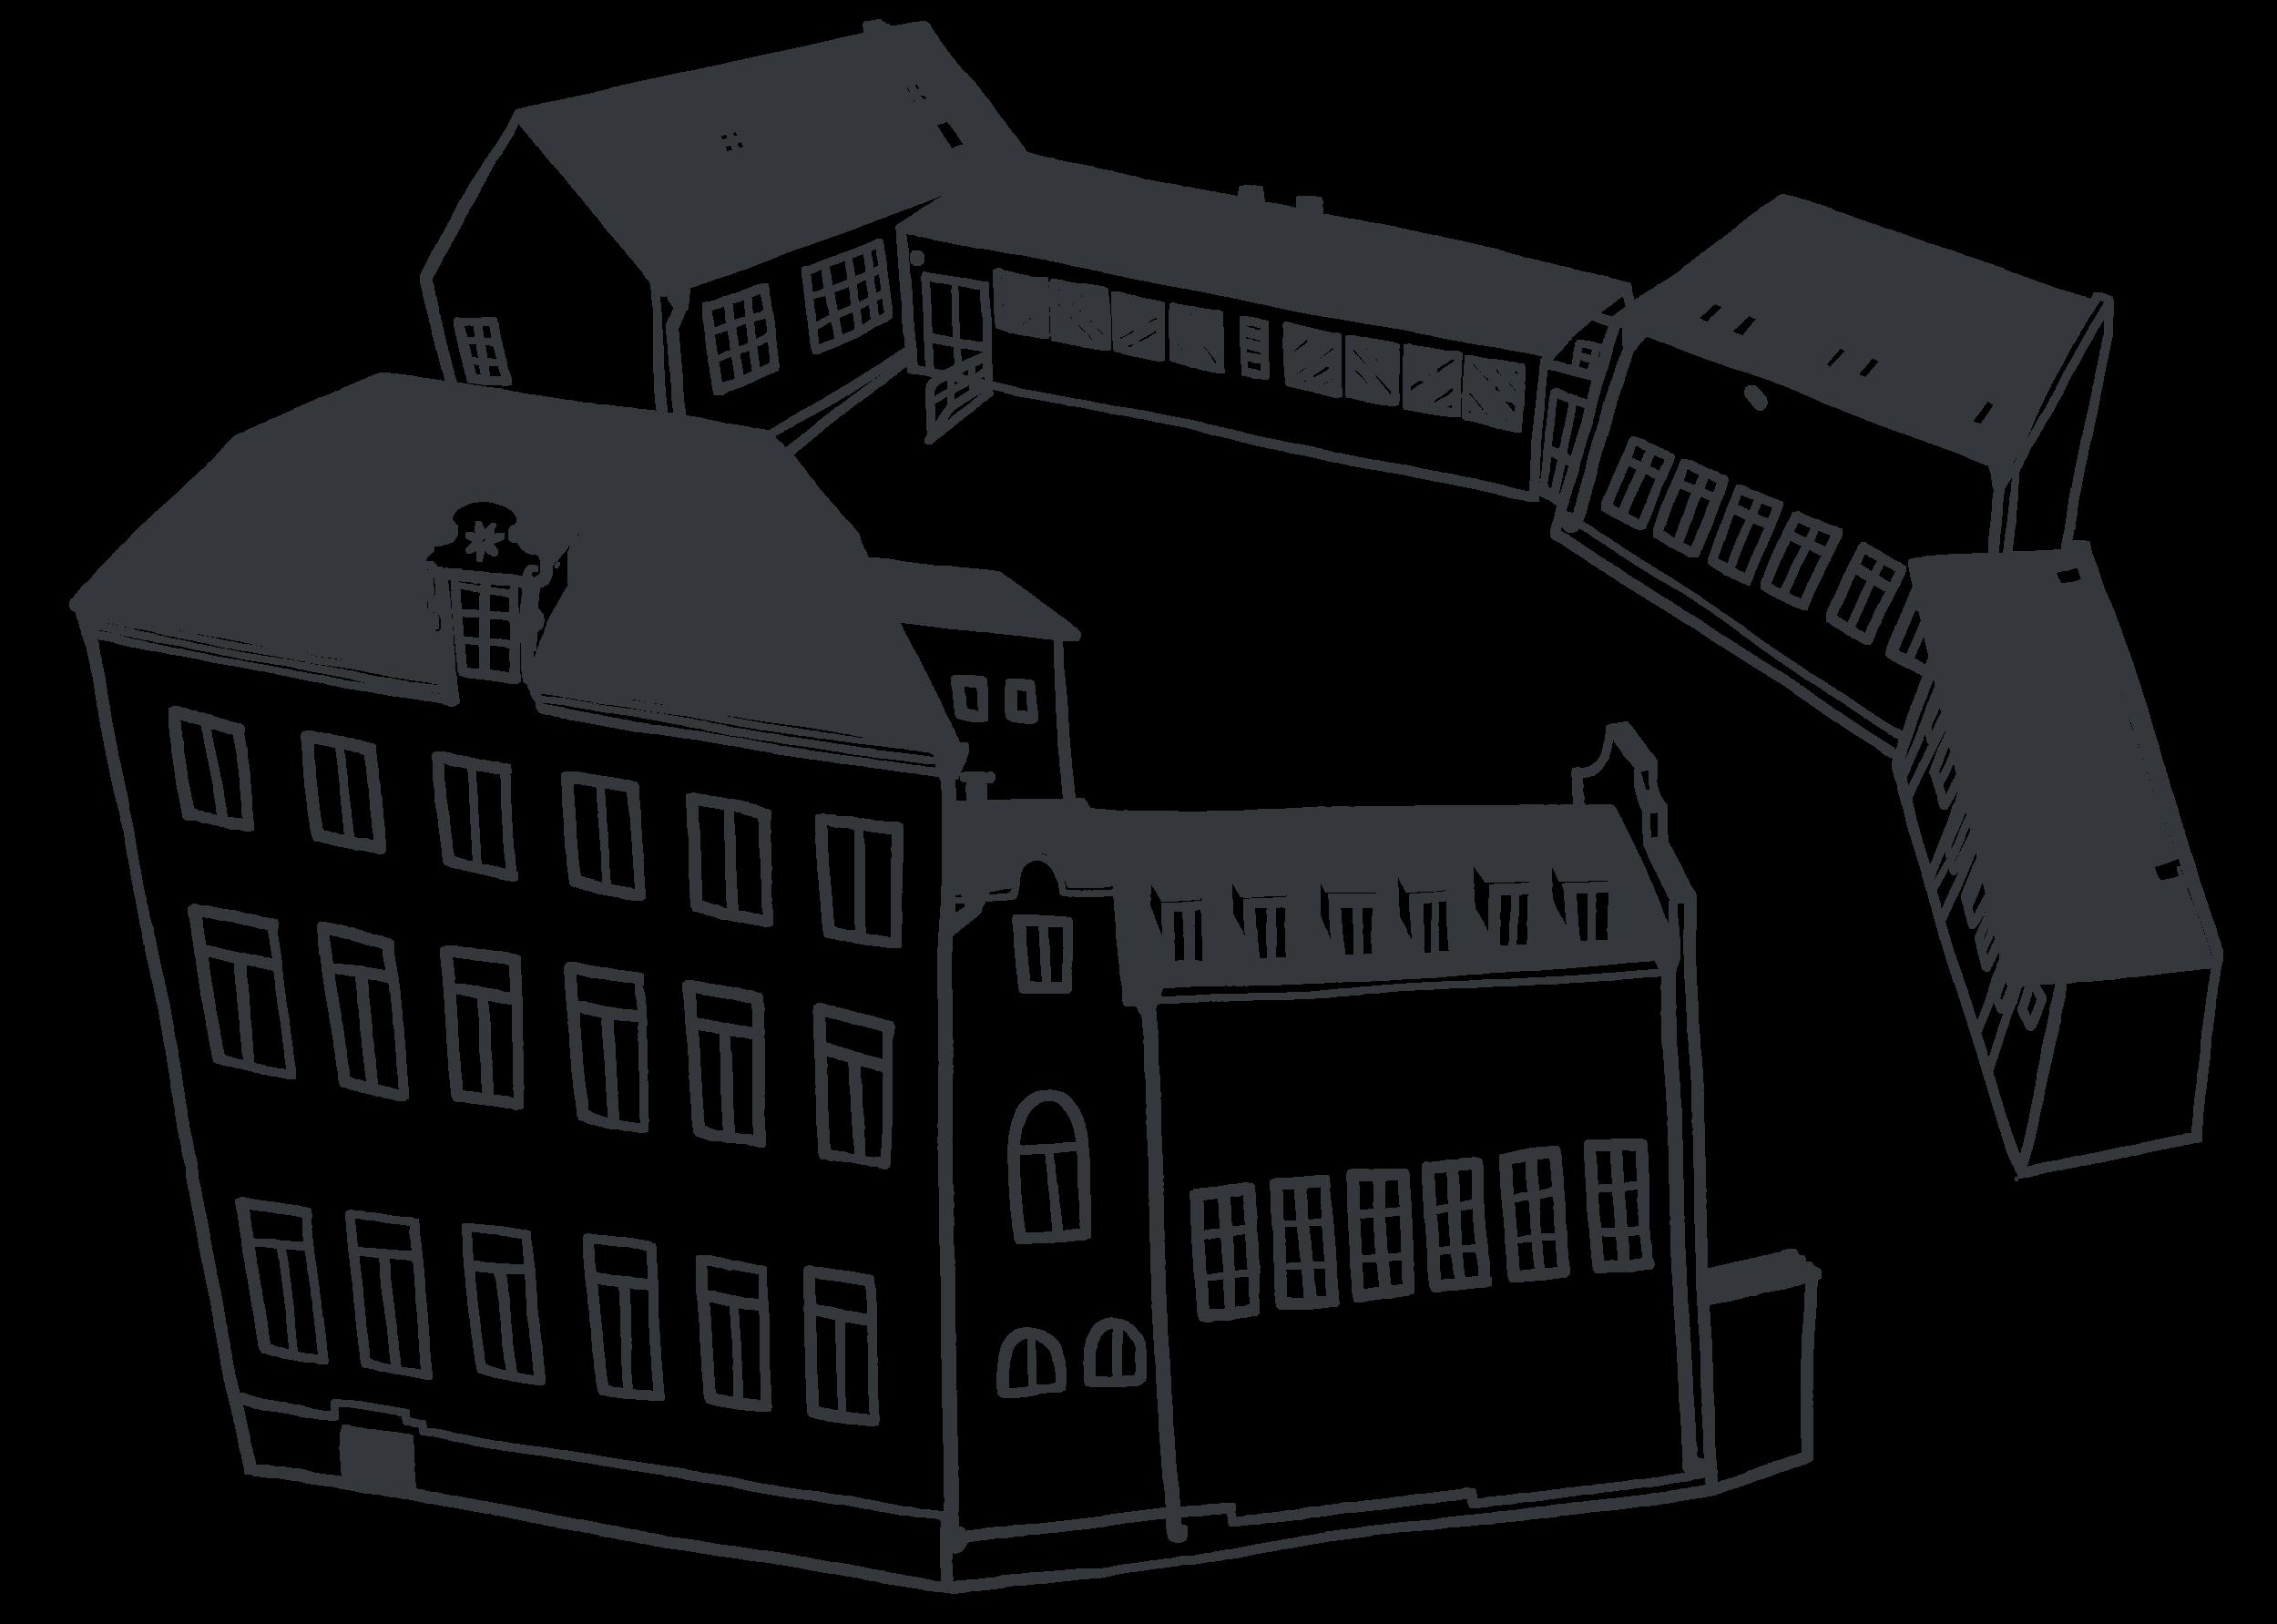 Illustration for  Gotlands Kulturrum , published 2019.